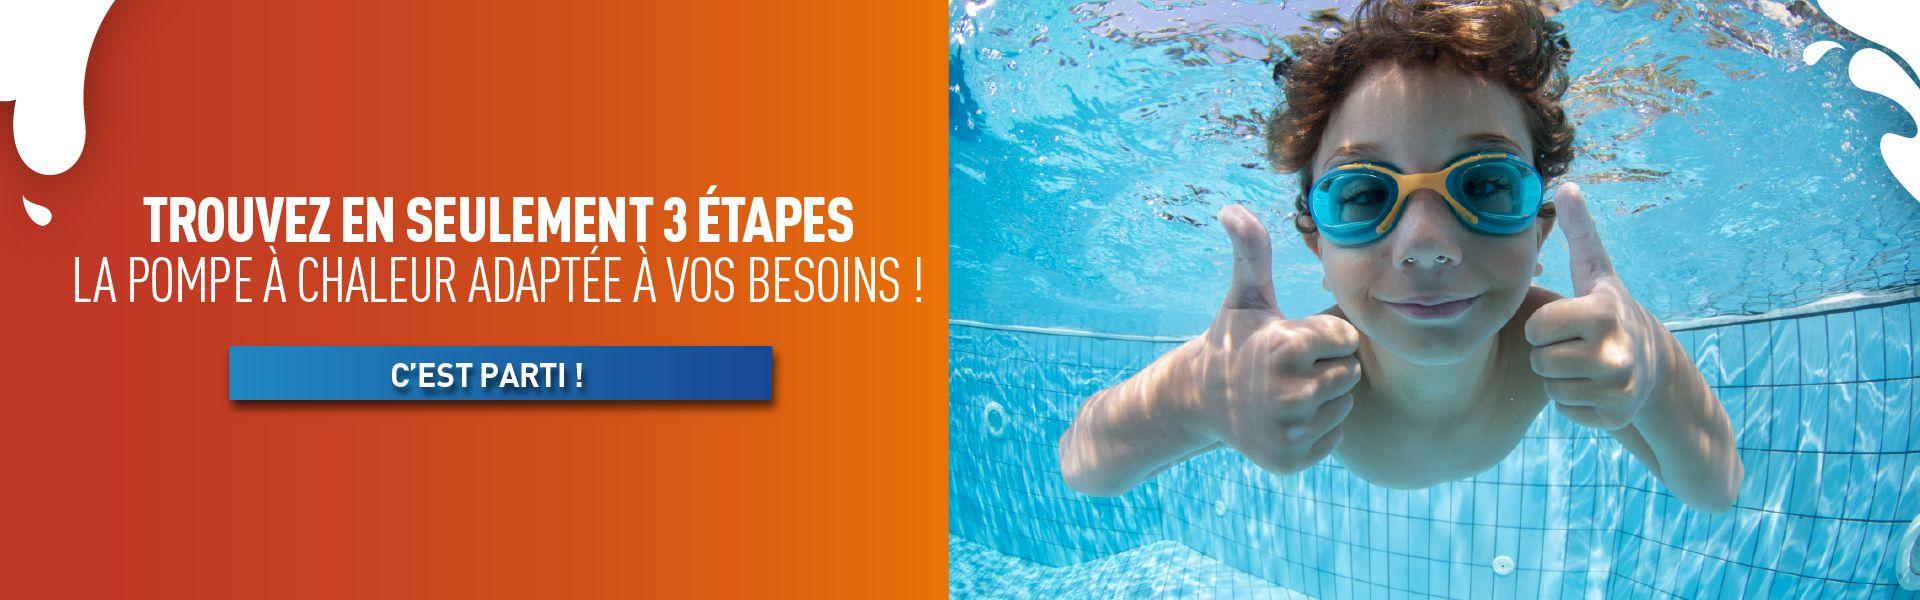 Cash Piscines - Tout Pour La Piscine & Spas Gonflables ... avec Tapis De Sol Pour Piscine Hors Sol